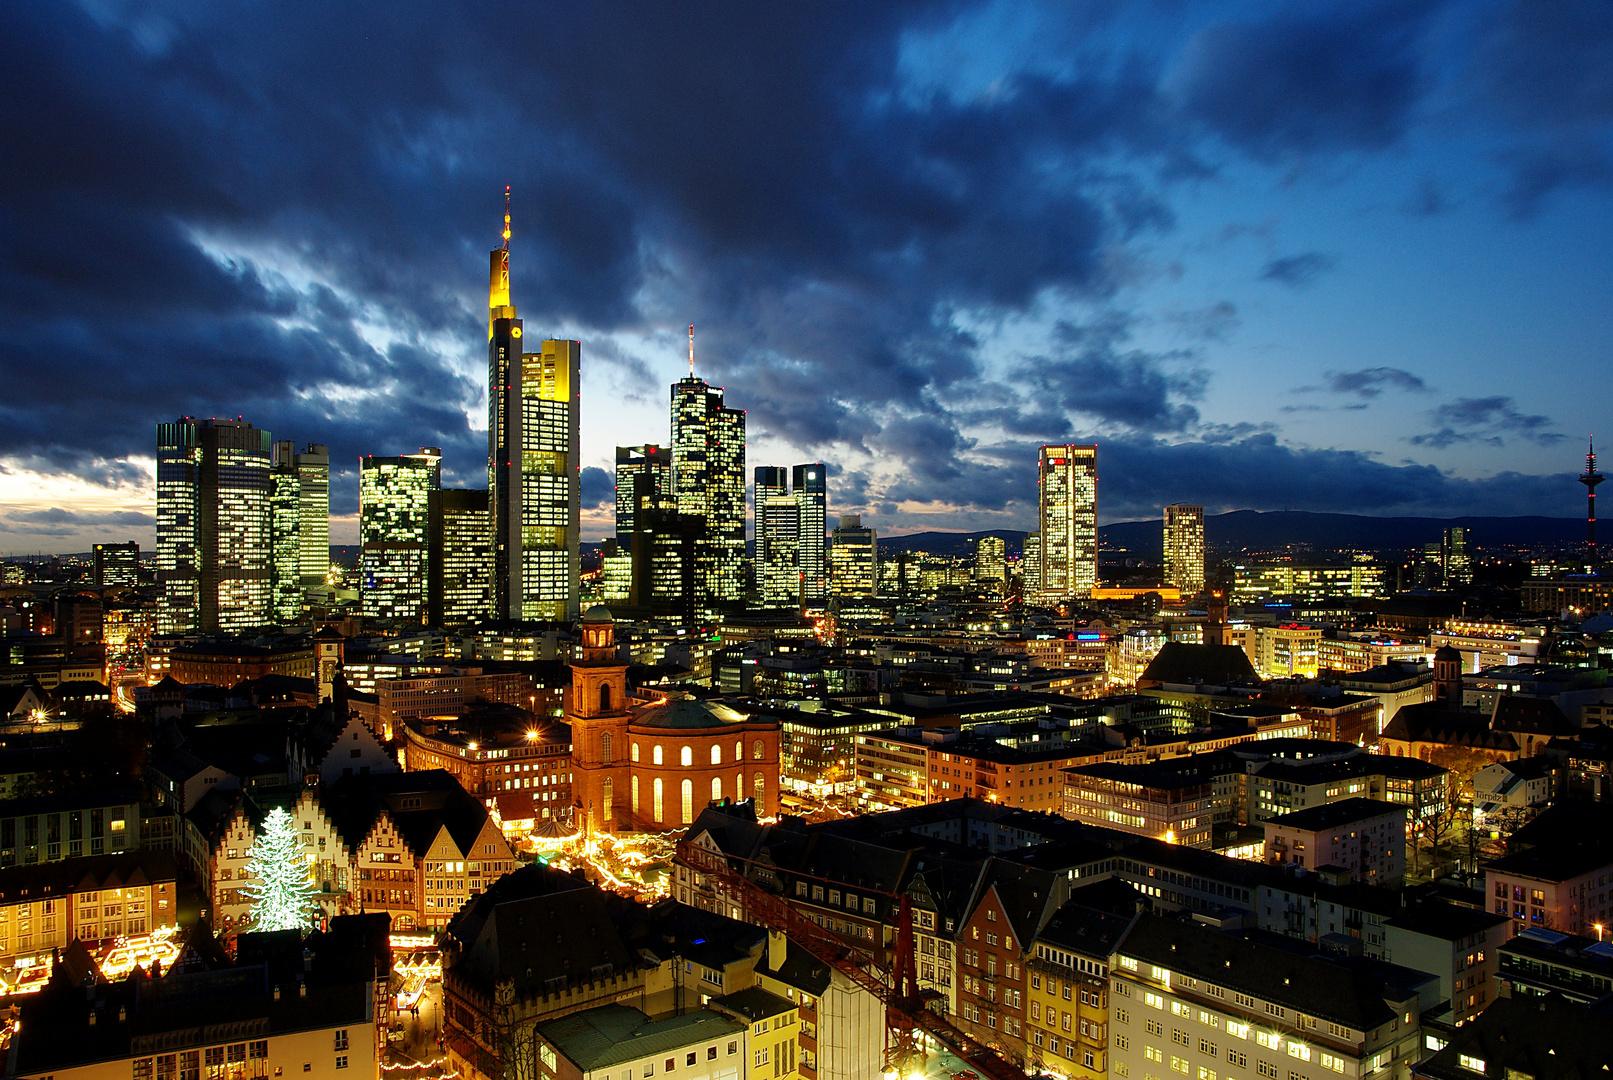 Weihnachtsbaum Frankfurt.Frankfurt Mit Weihnachtsbaum Foto Bild Architektur